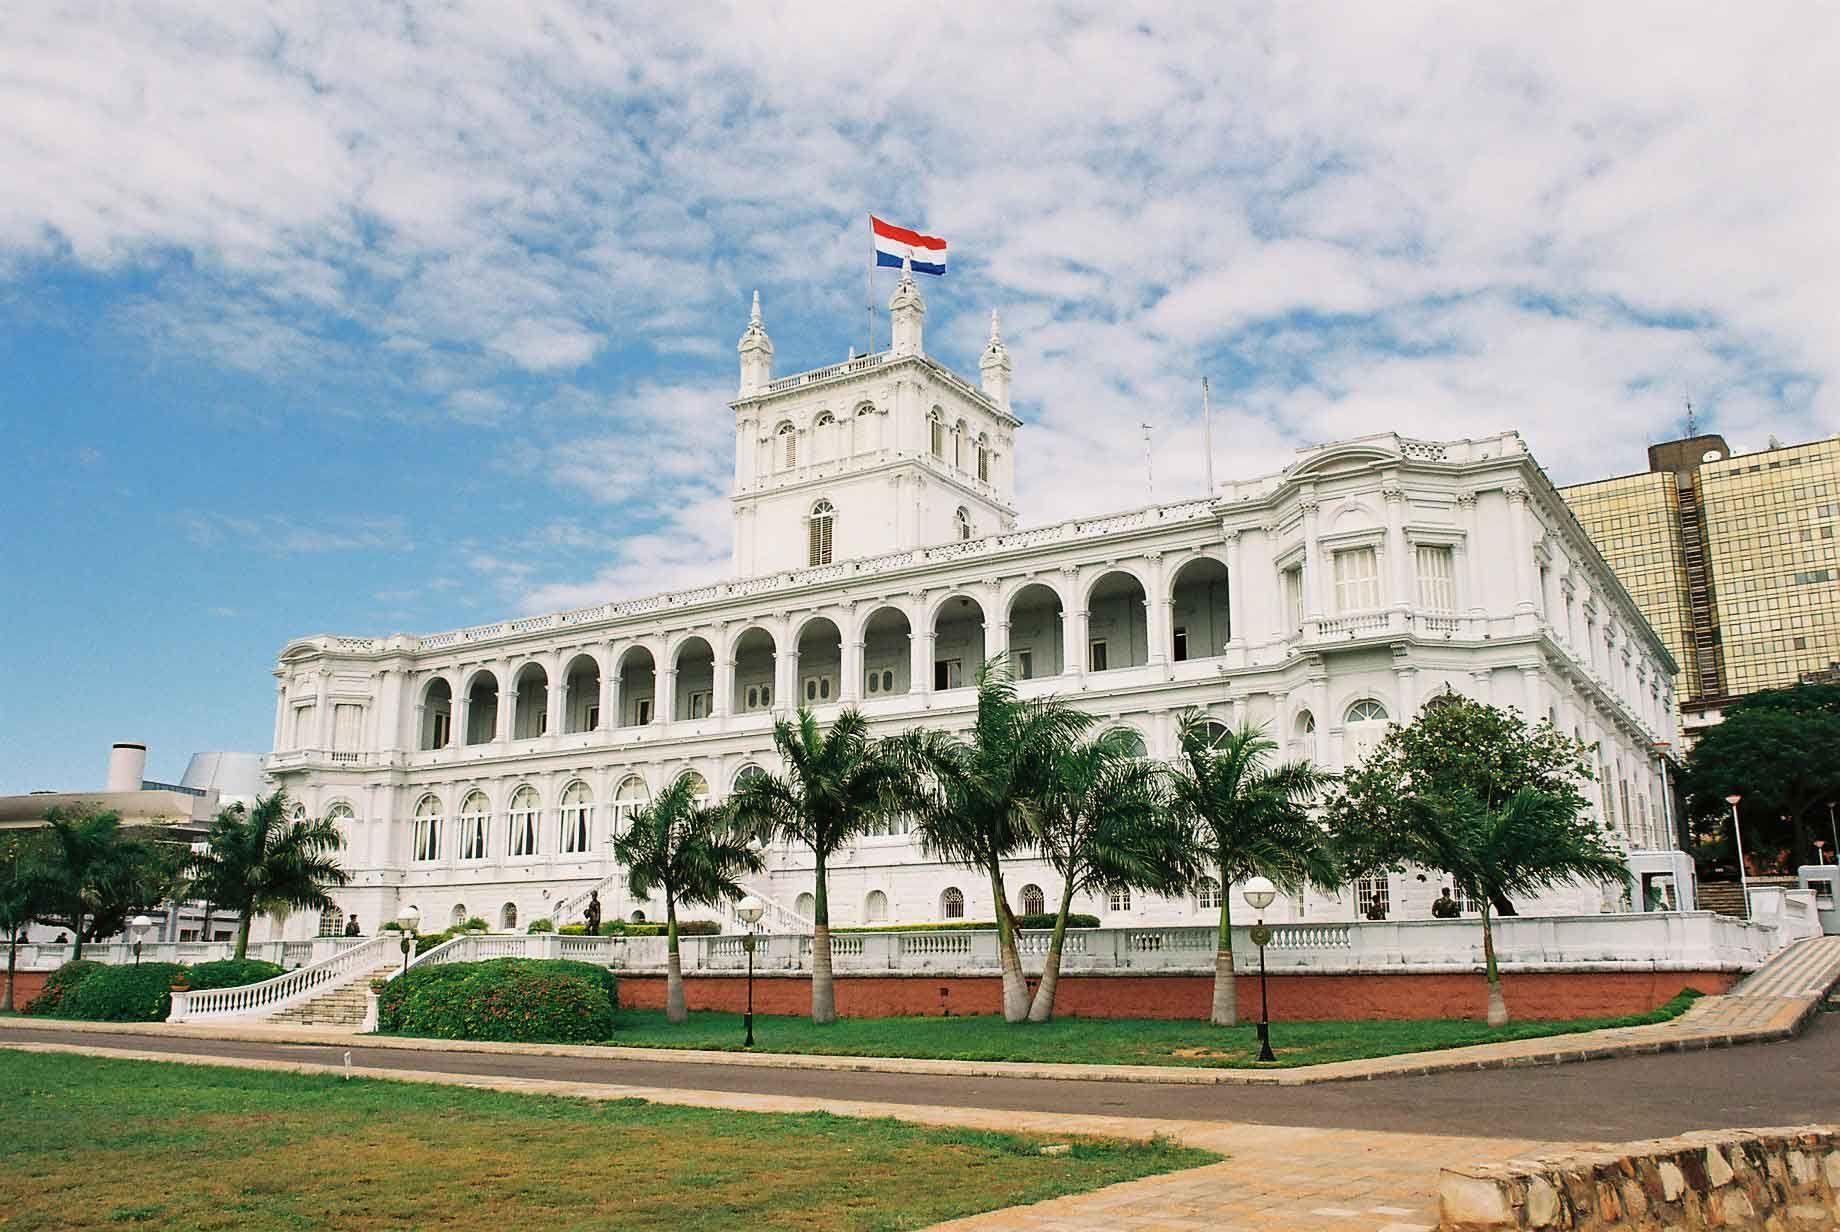 ¿Cuál de las siguientes atracciones NO pertenece al Paraguay?